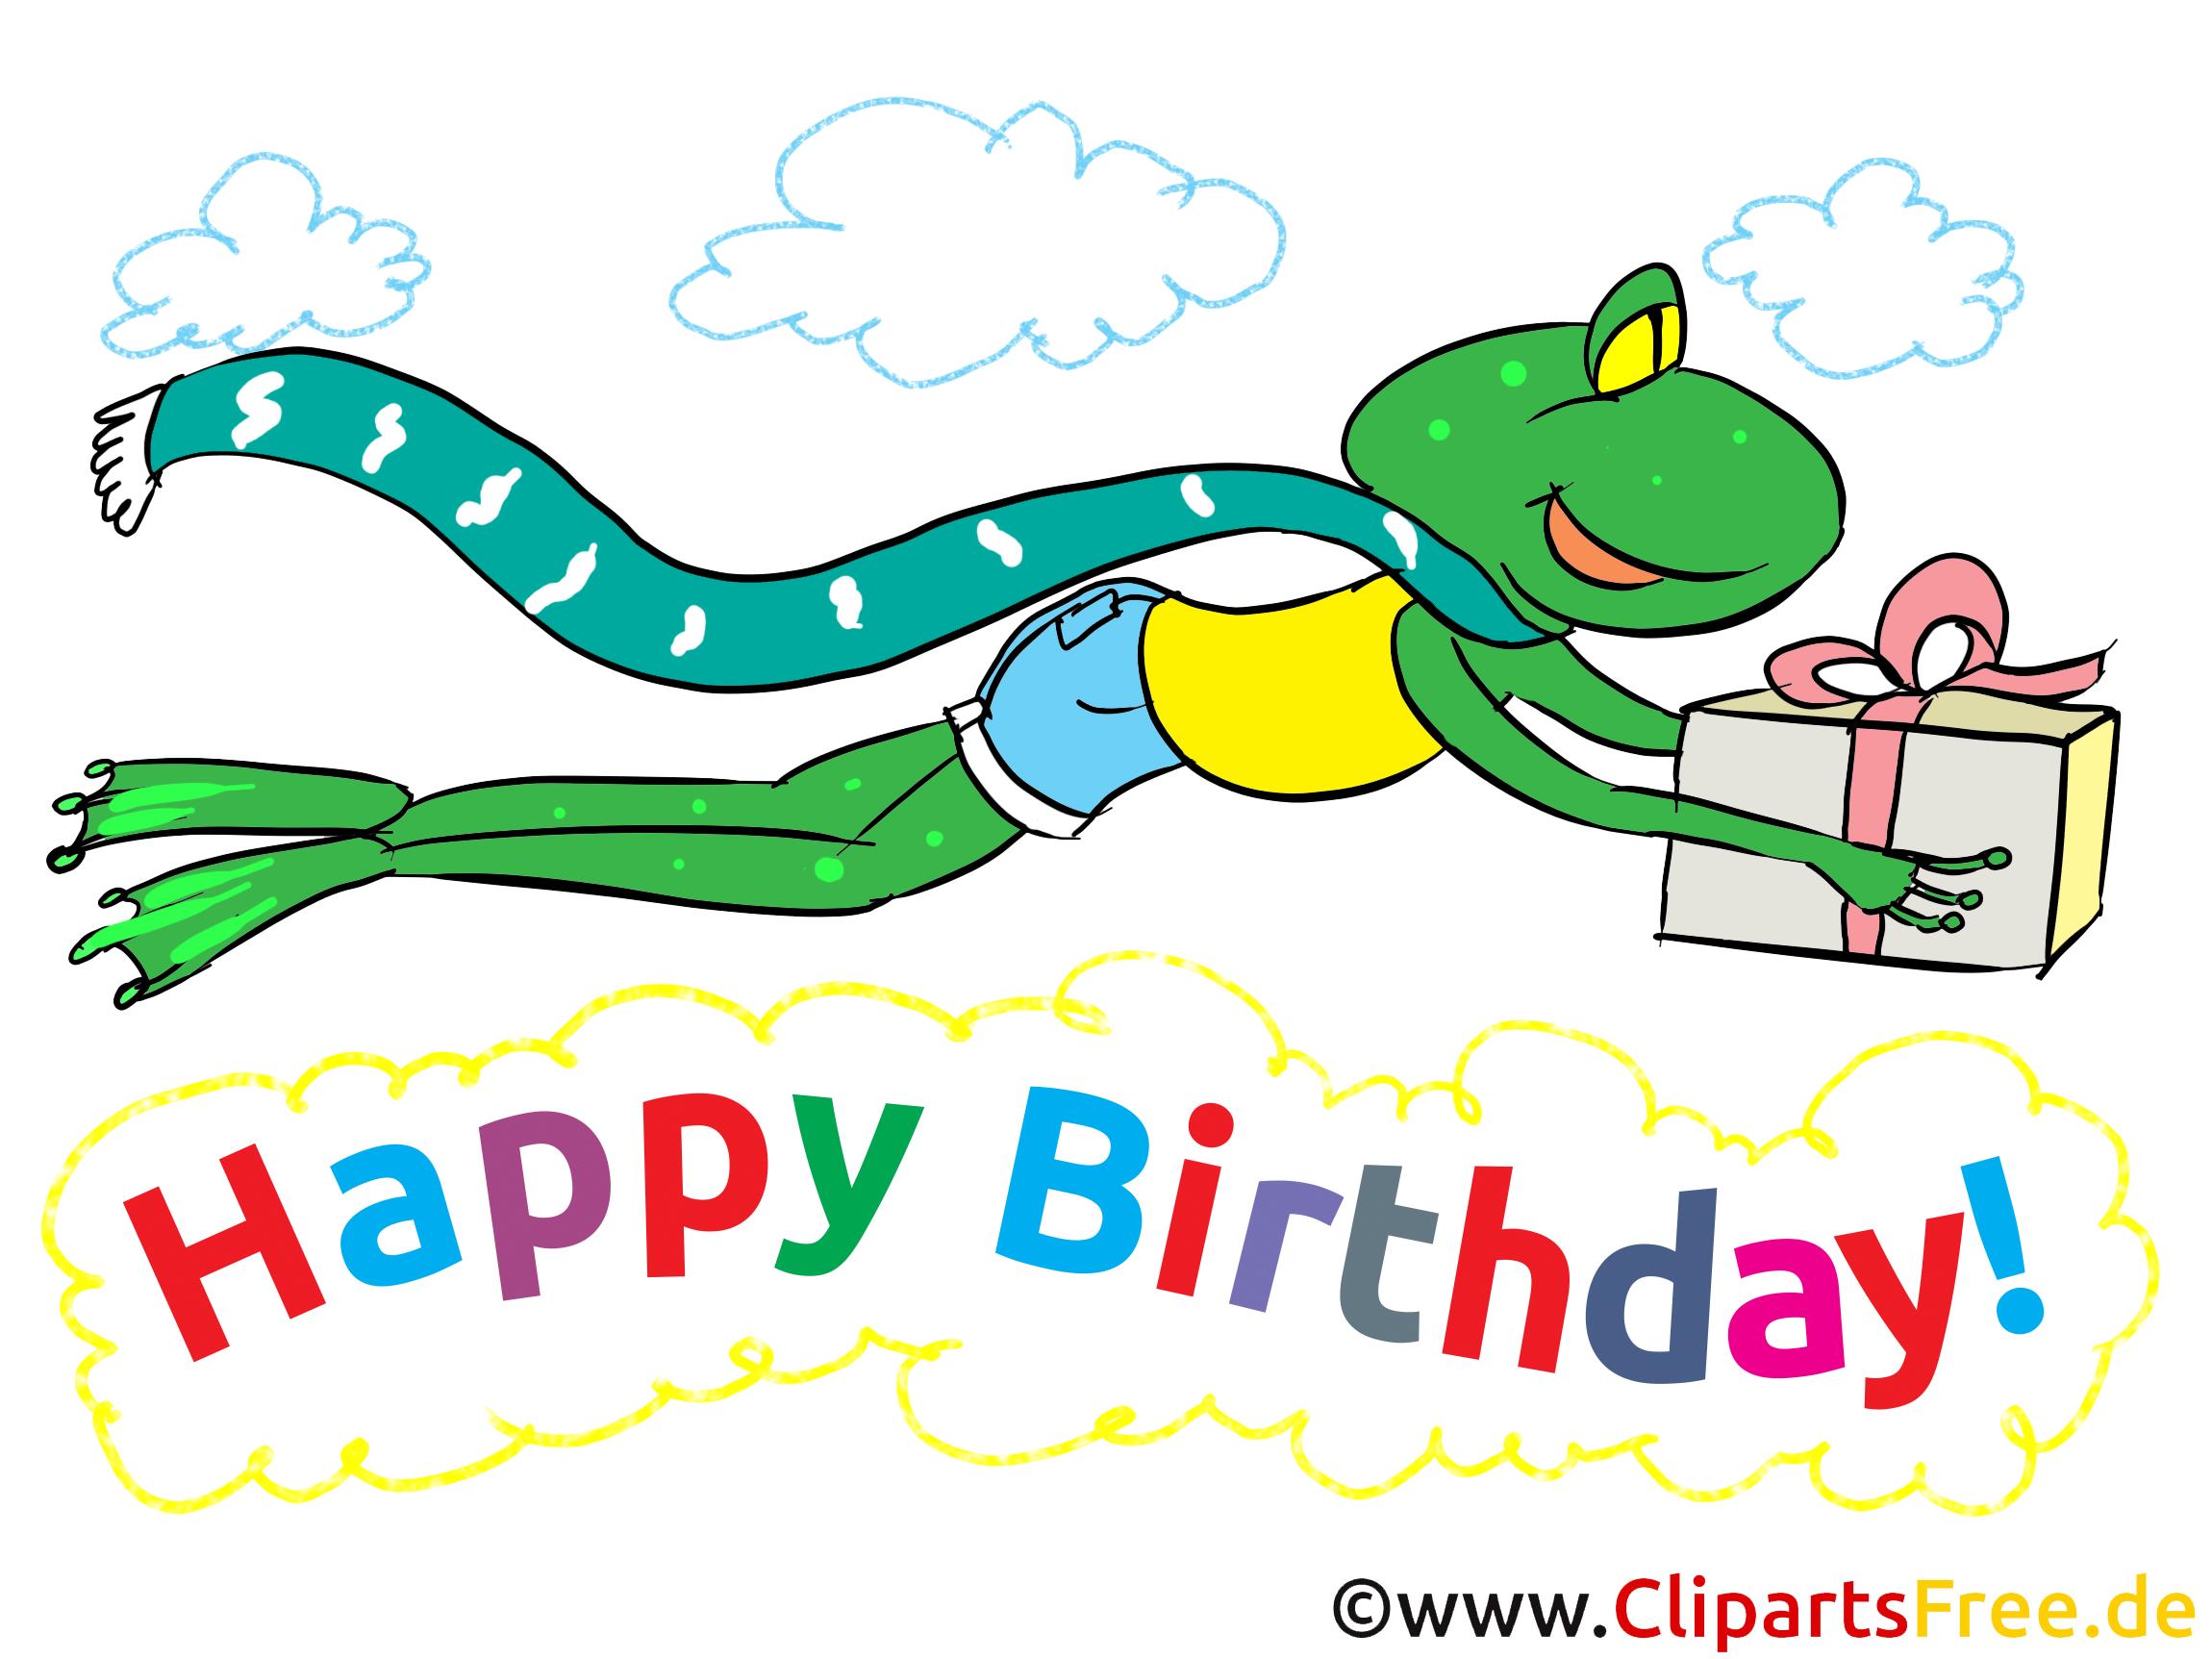 Happy Birthday Grafik